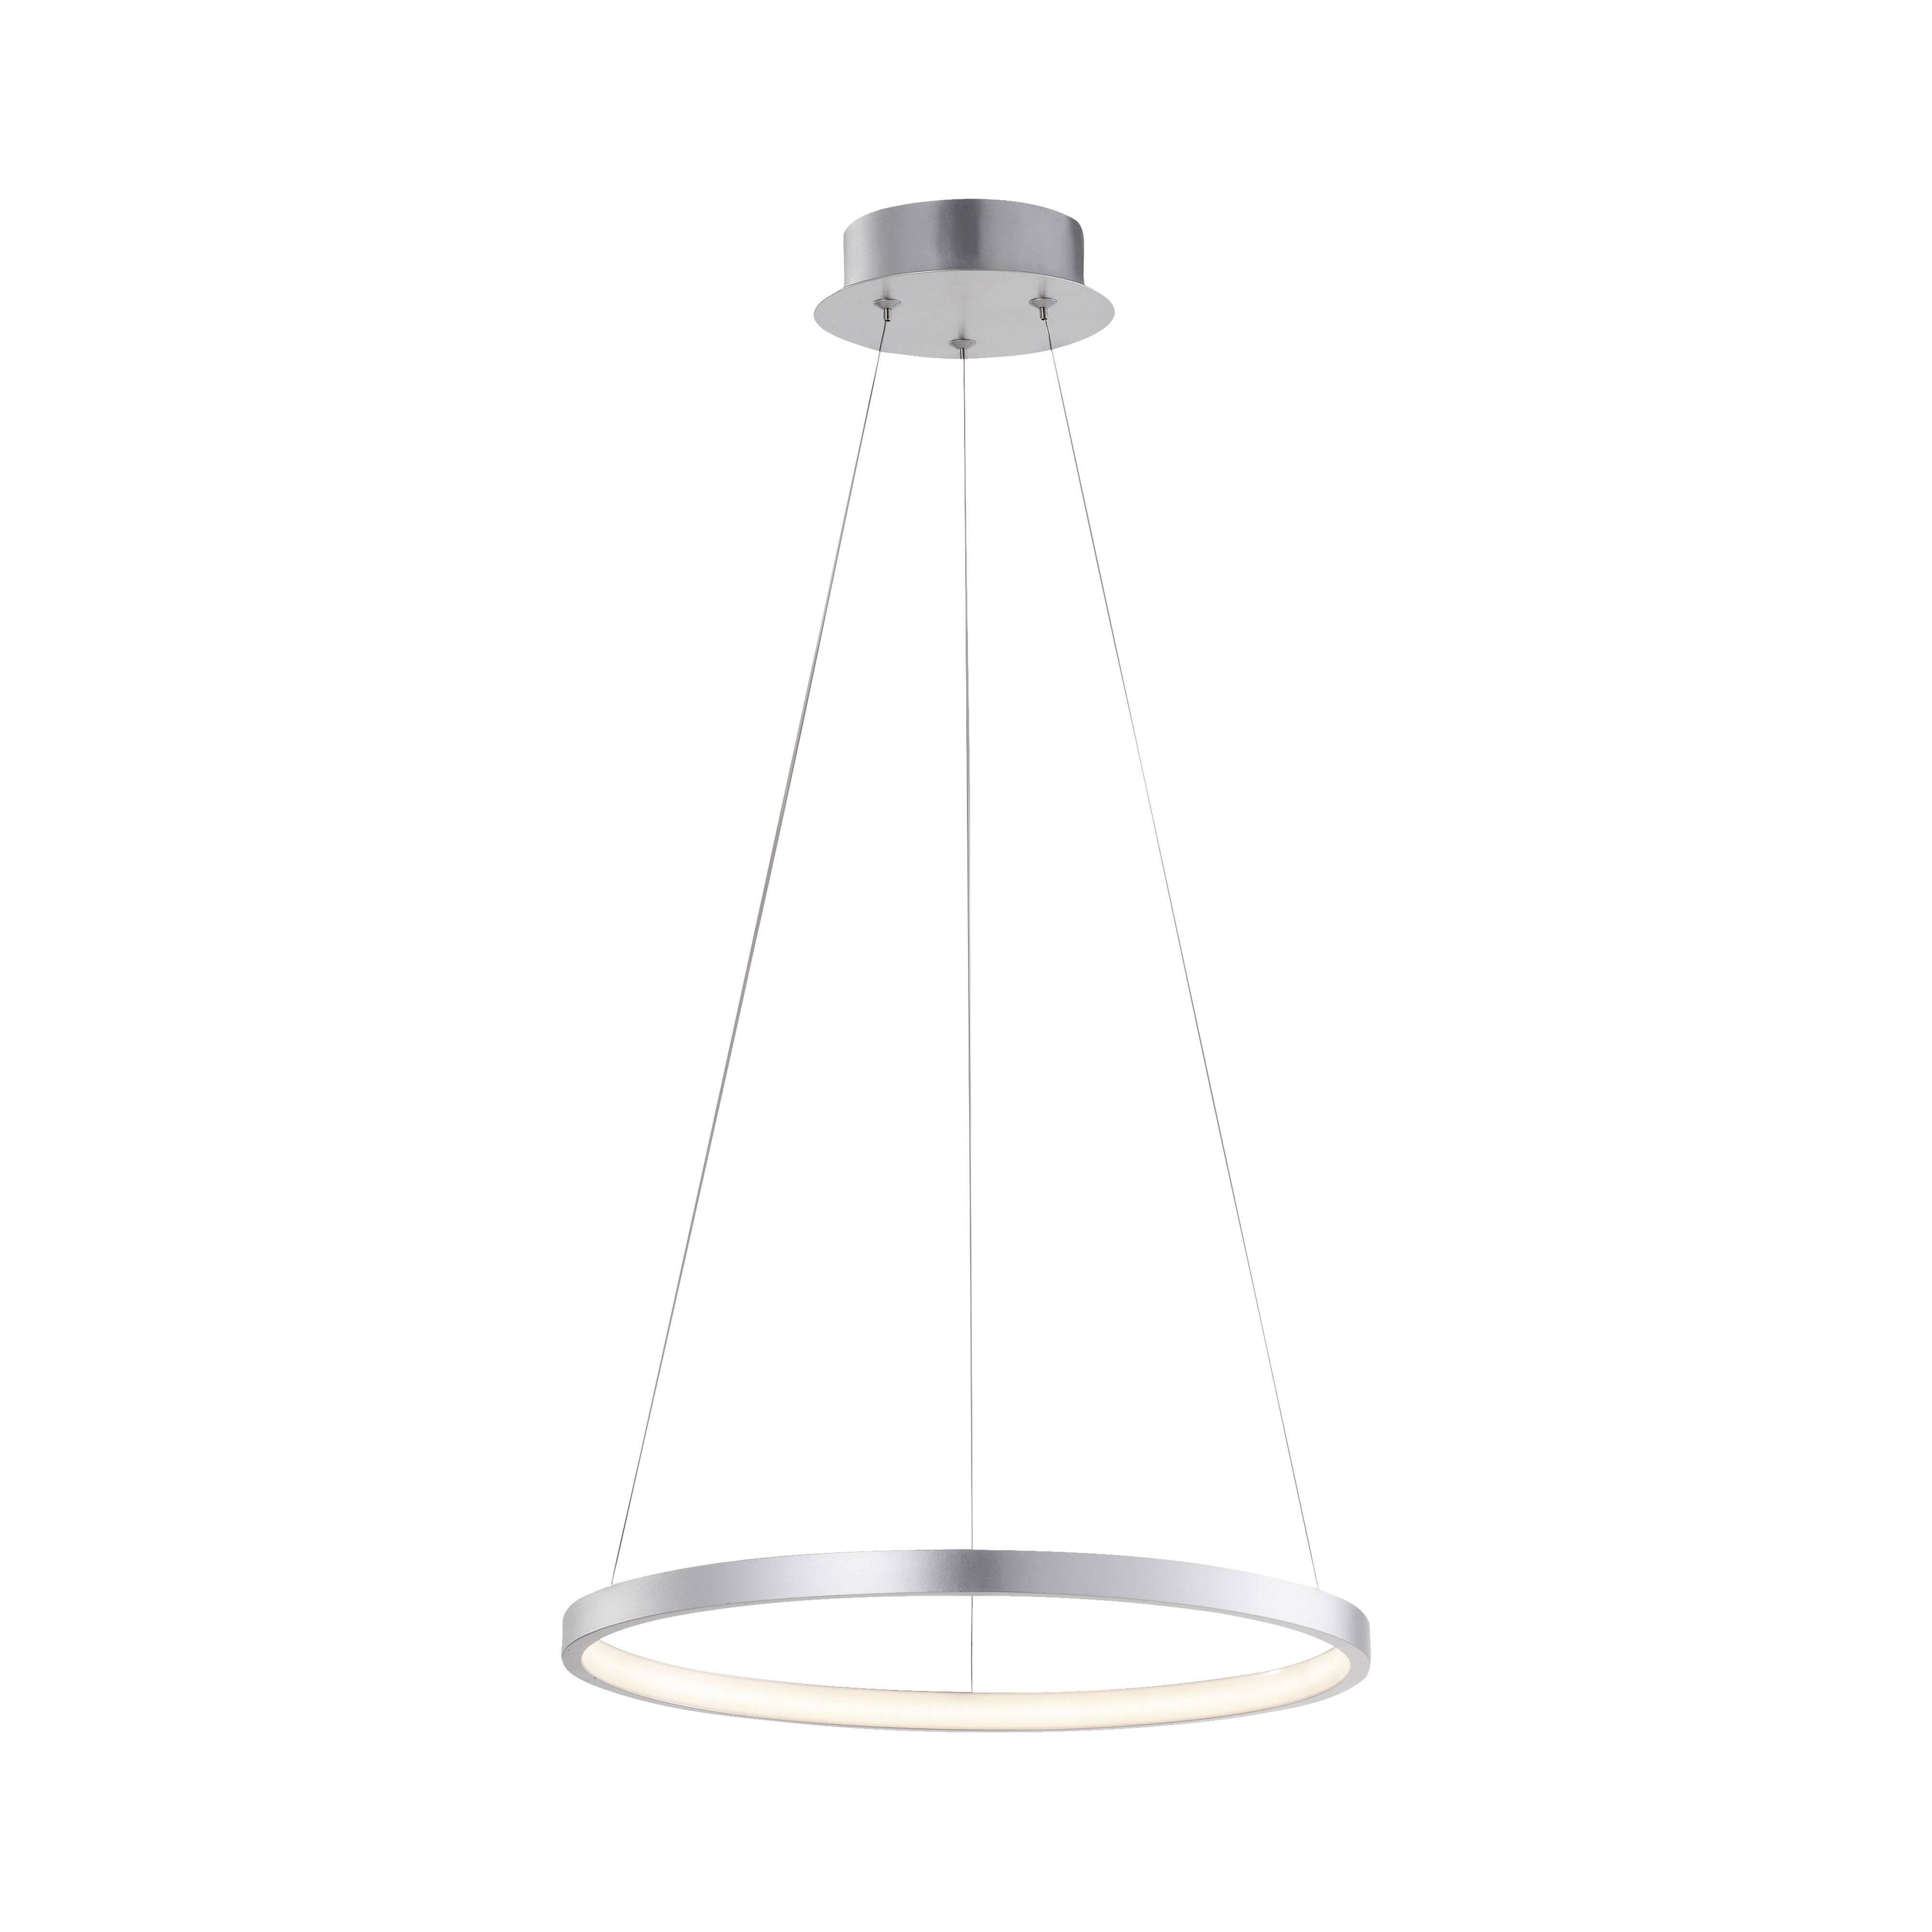 Moderne ring hanglamp zilver 40cm incl. LED - Anella